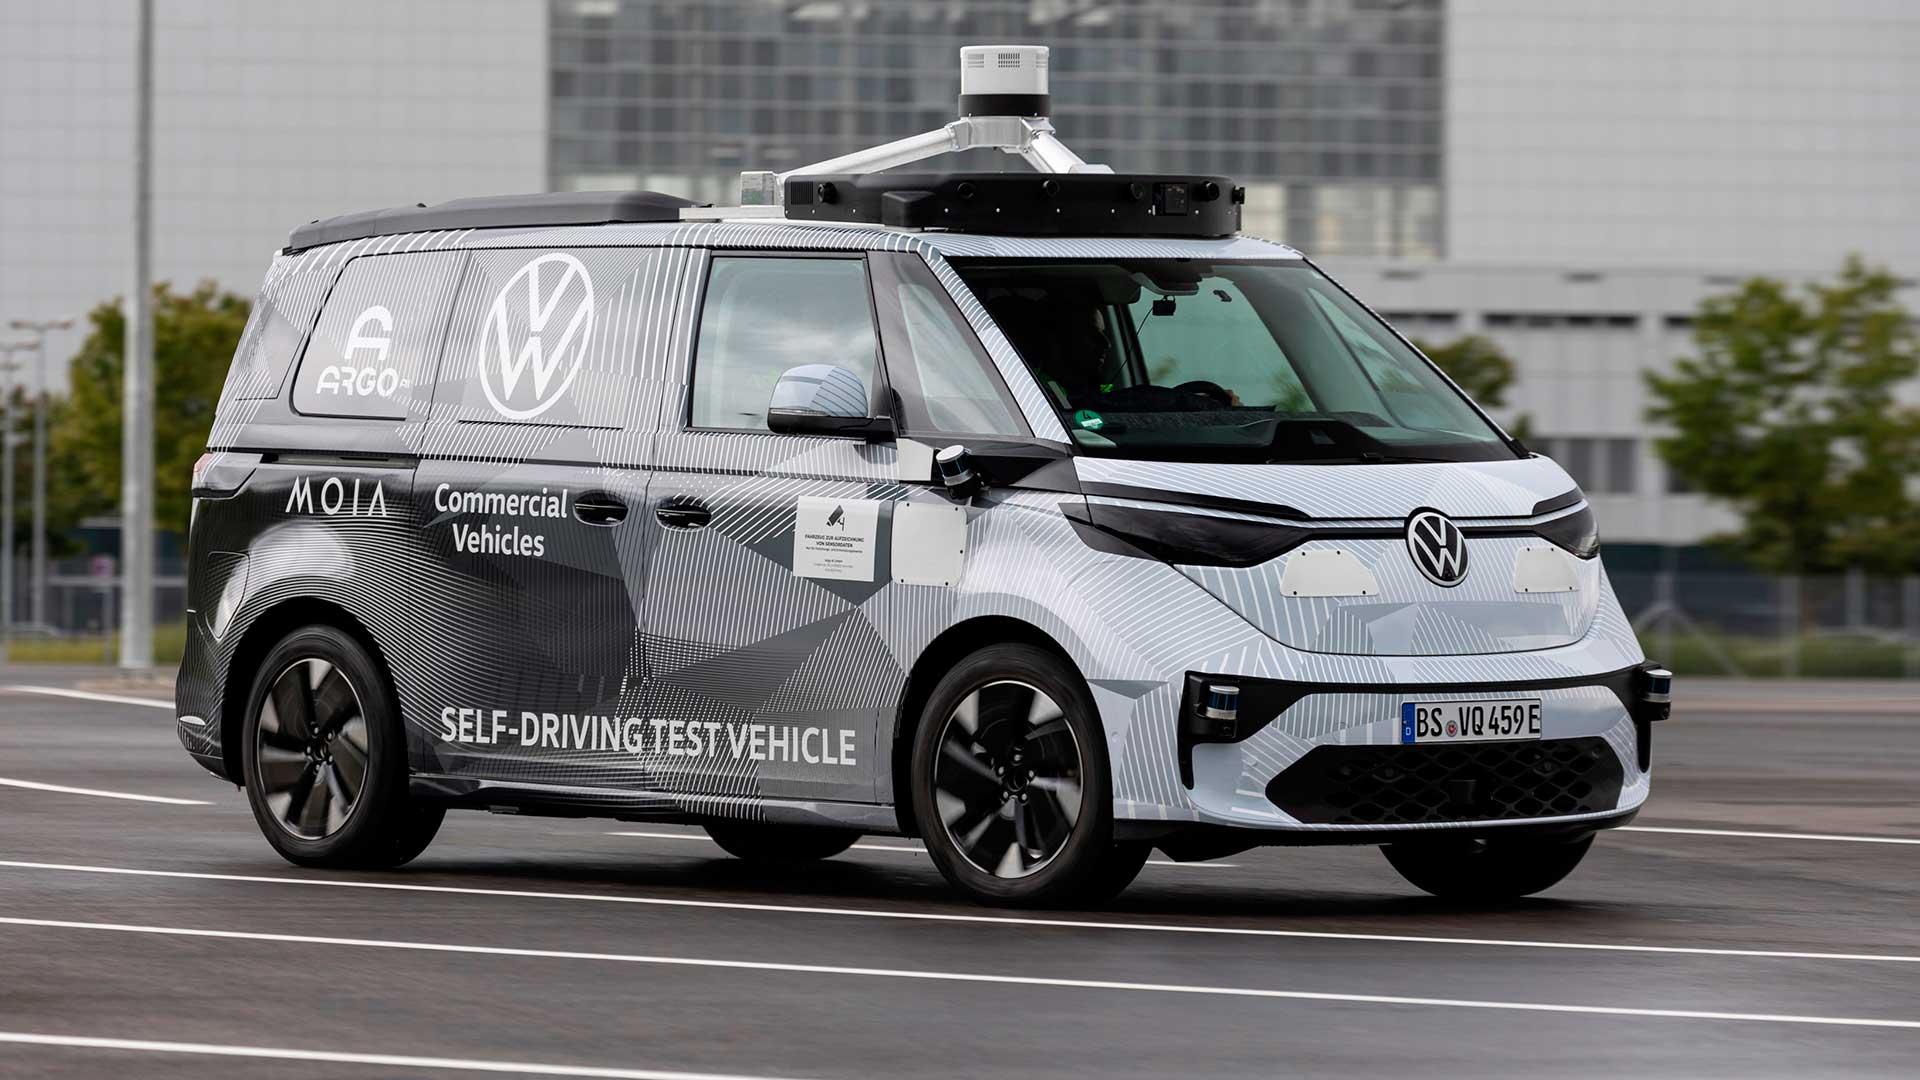 Nuevo Volkswagen ID. Buzz AD 2021: un primer vistazo a su próxima generación de furgonetas eléctricas